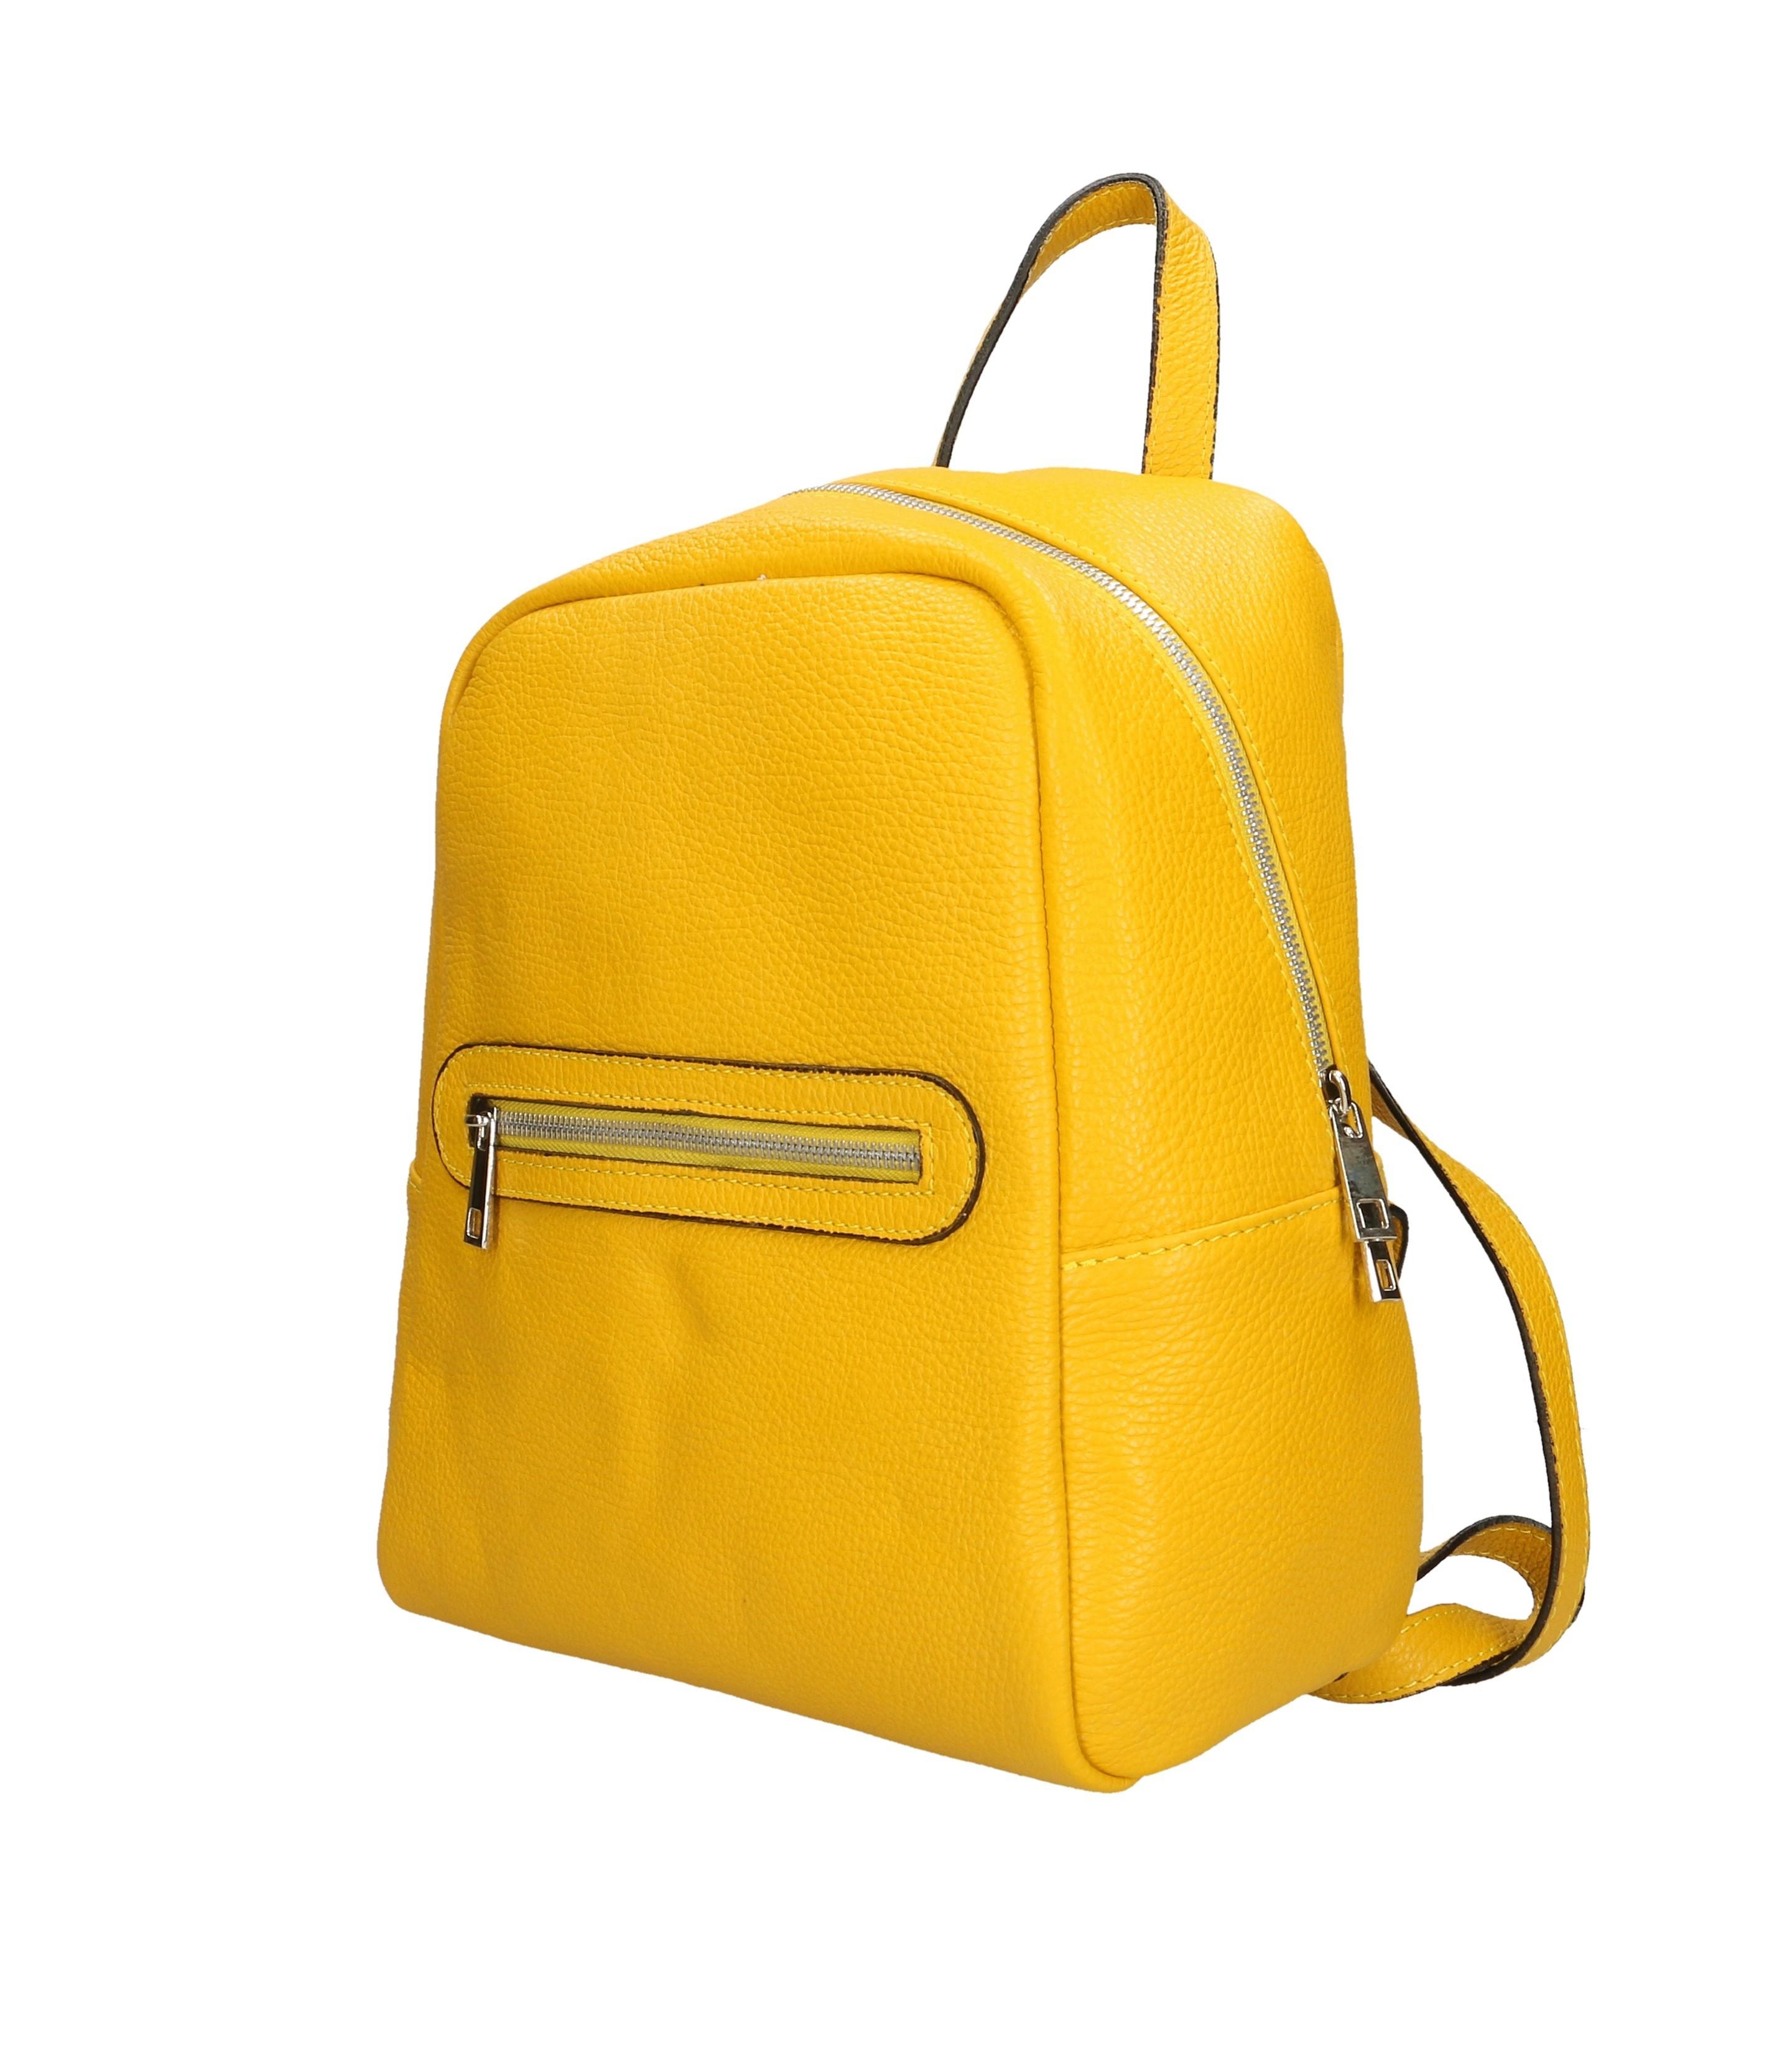 Praktický kožený větší hořčicově žlutý batůžek talis